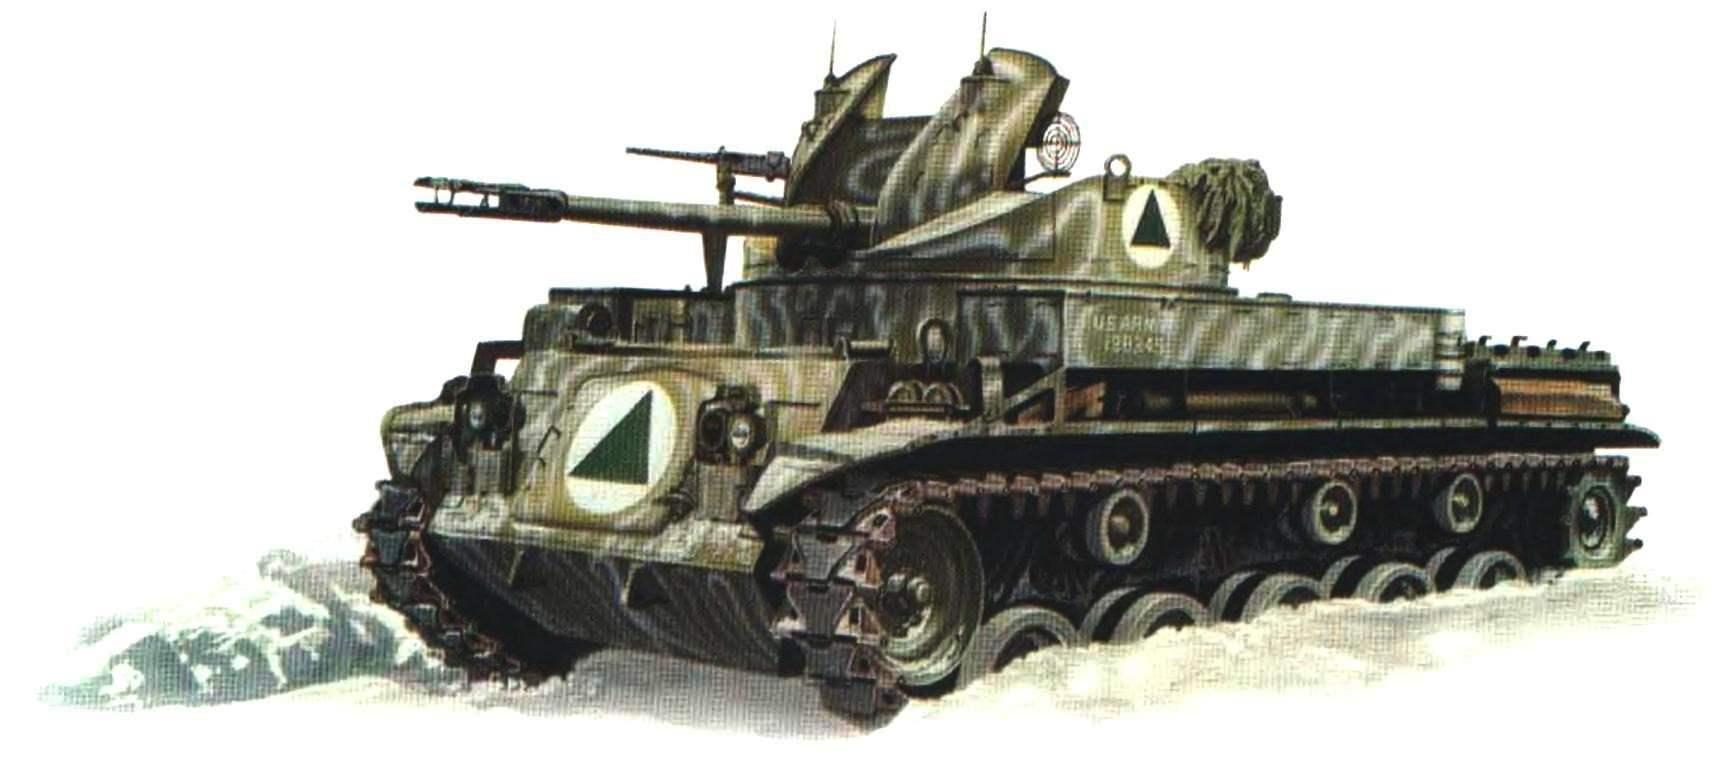 Зенитная самоходная установка М42 из состава 23-й пехотной дивизии армии США. Маневры Willow Freeze, Аляска, январь 1961 года